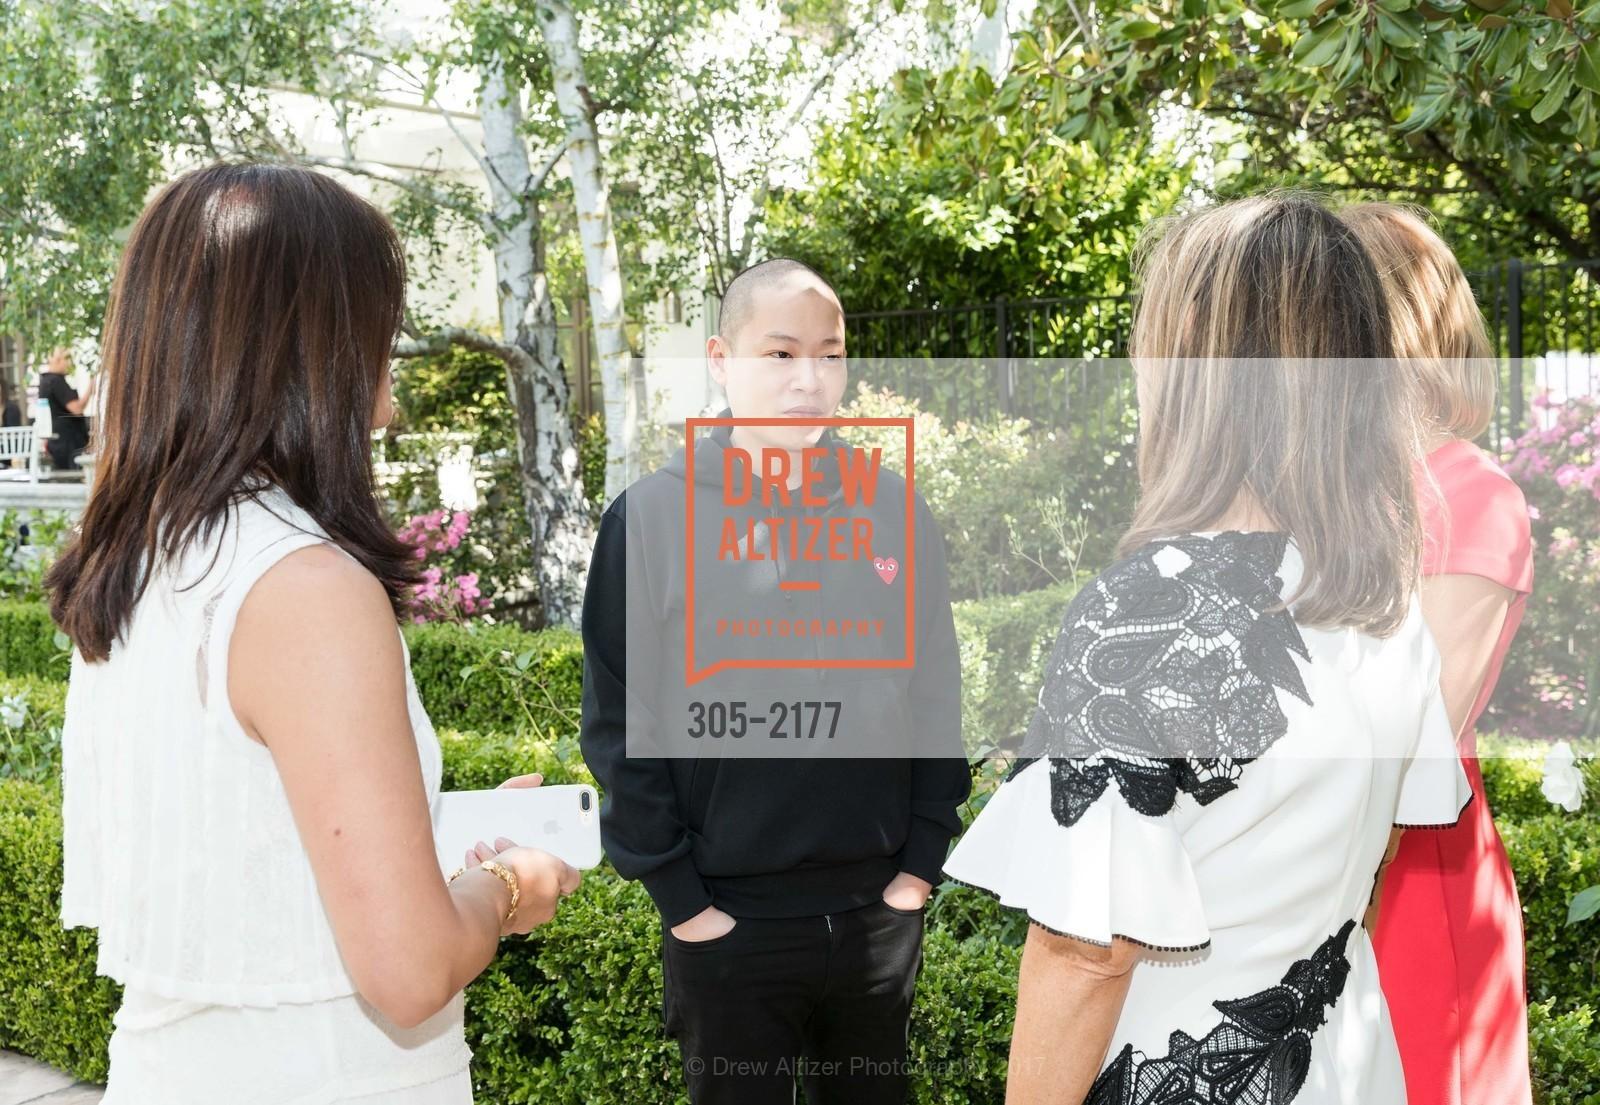 Jason Wu, Photo #305-2177